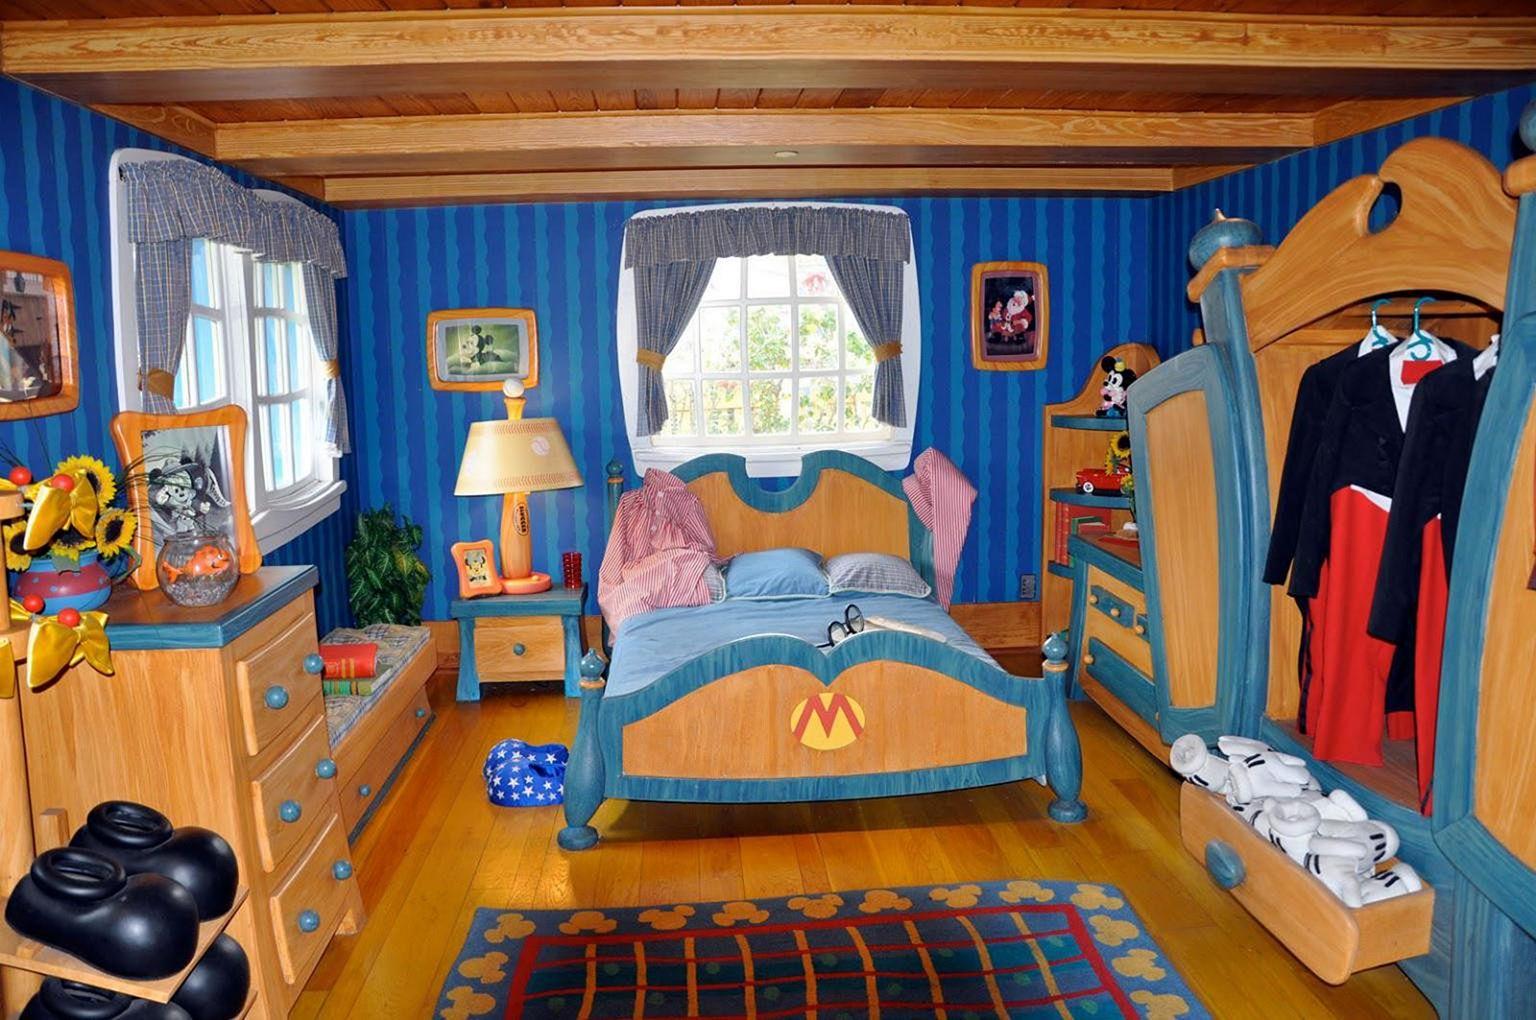 Disney World Themed Living Room